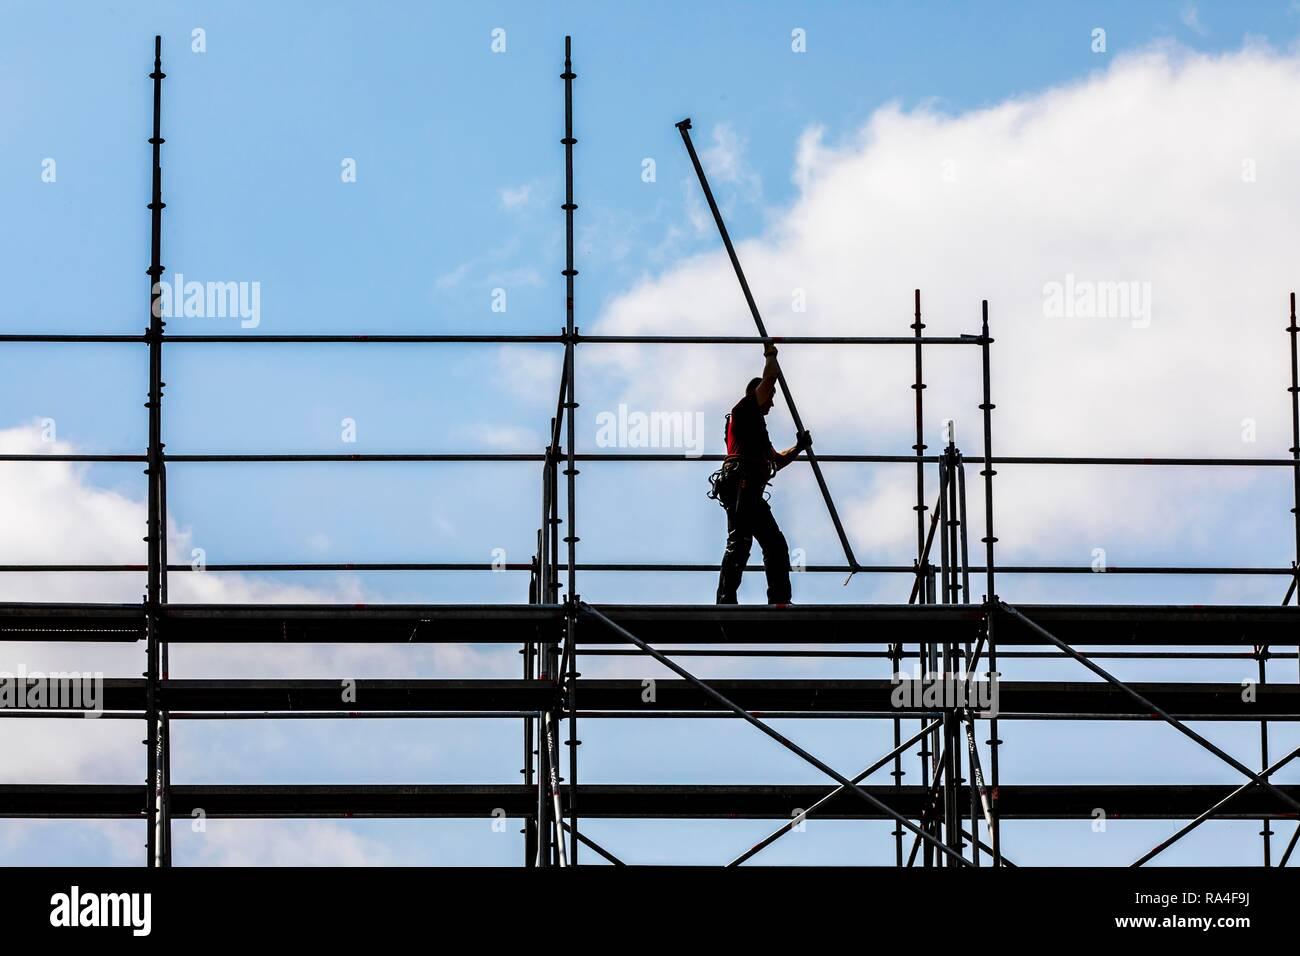 Gerüstbauer bei der Demontage eines großen, frei stehenden Baugerüst - Stock Image